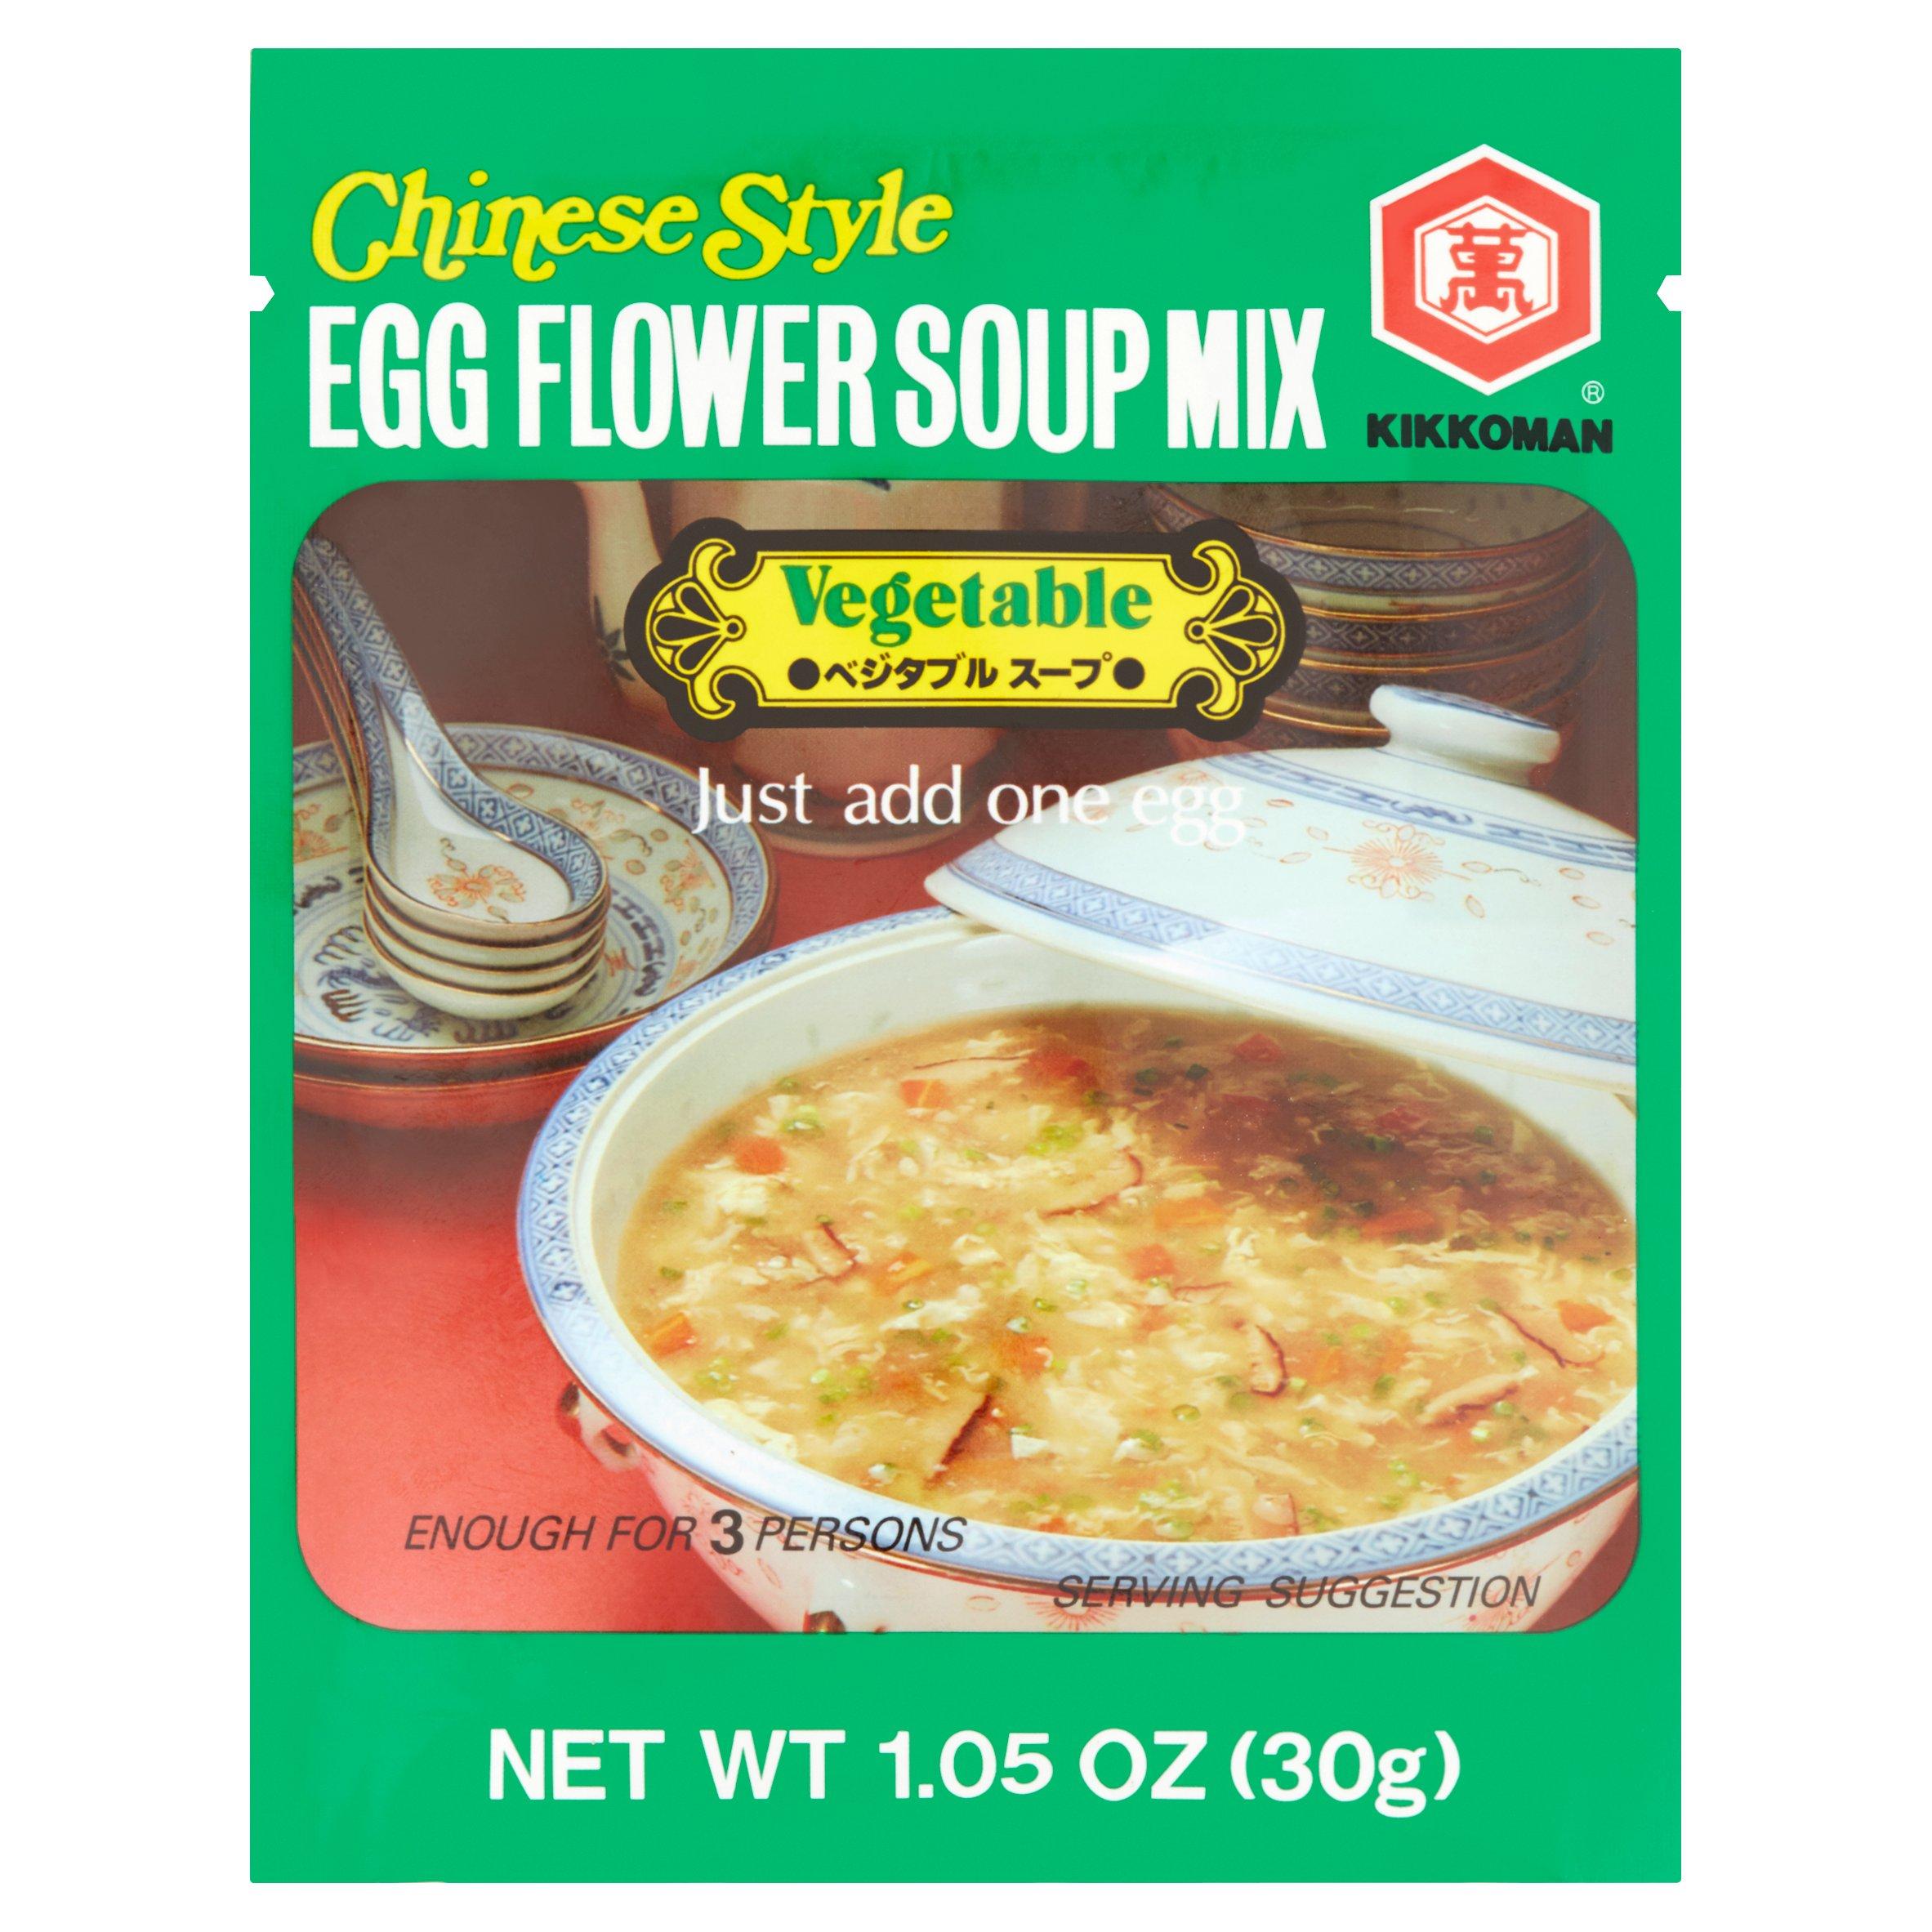 Kikkoman Chinese Style Egg Flour Mix Vegetable Soup, 1.05 oz by Kikkoman Sales Usa, Inc.